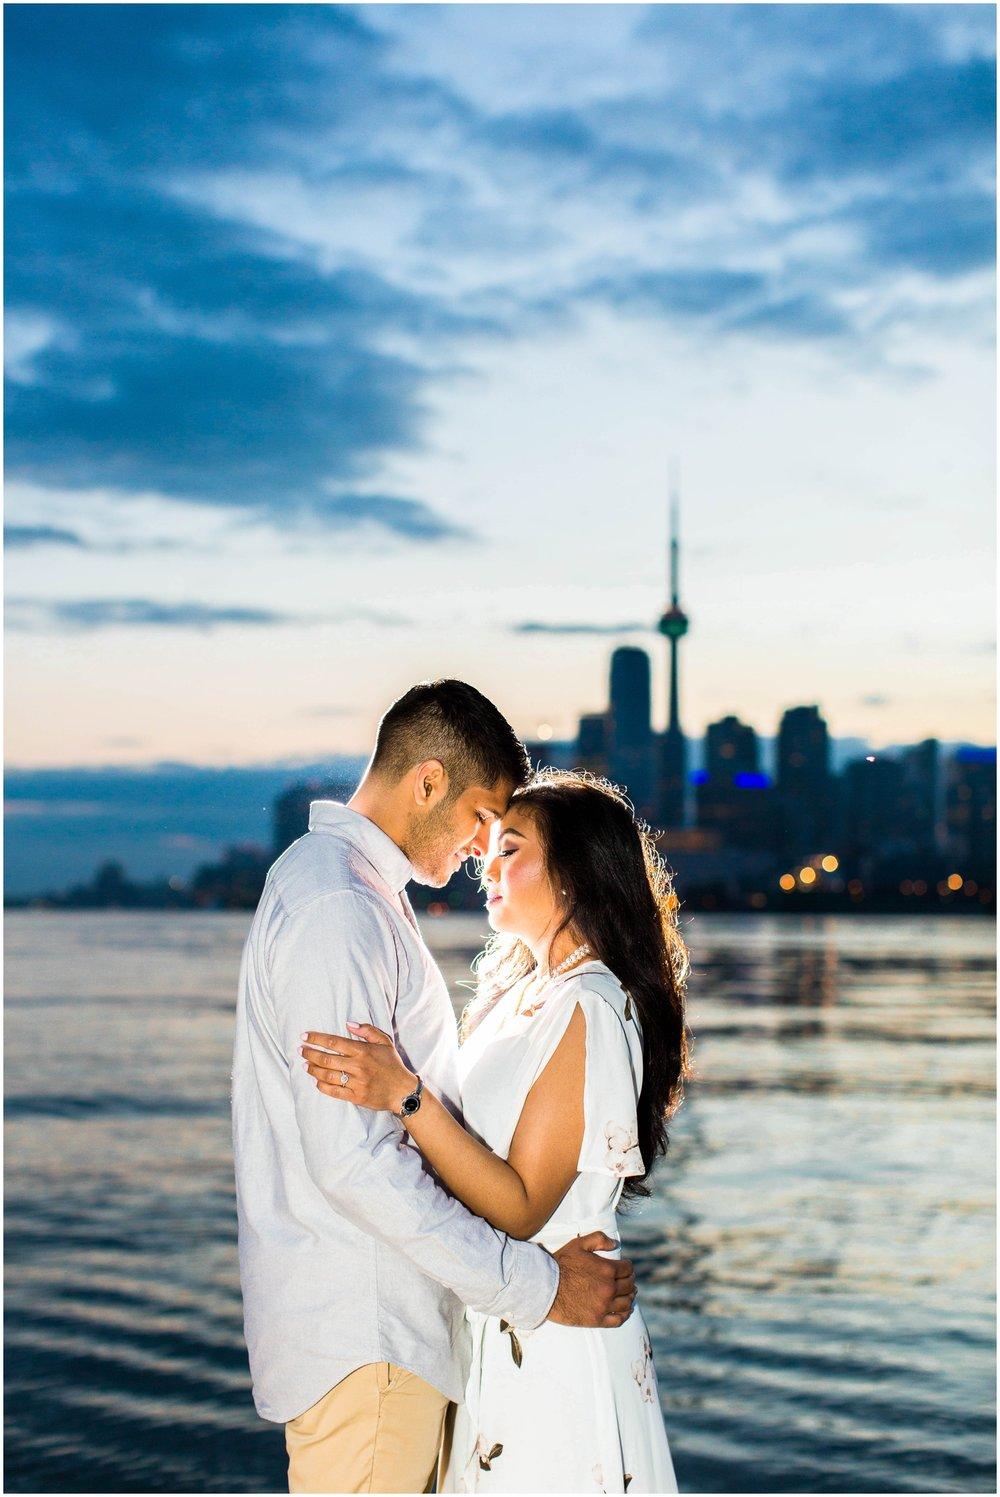 2017-Engagements-Toronto-Mississauga-GTA-Pakistani-Indian-Wedding-Photography-Photographer_0064.jpg